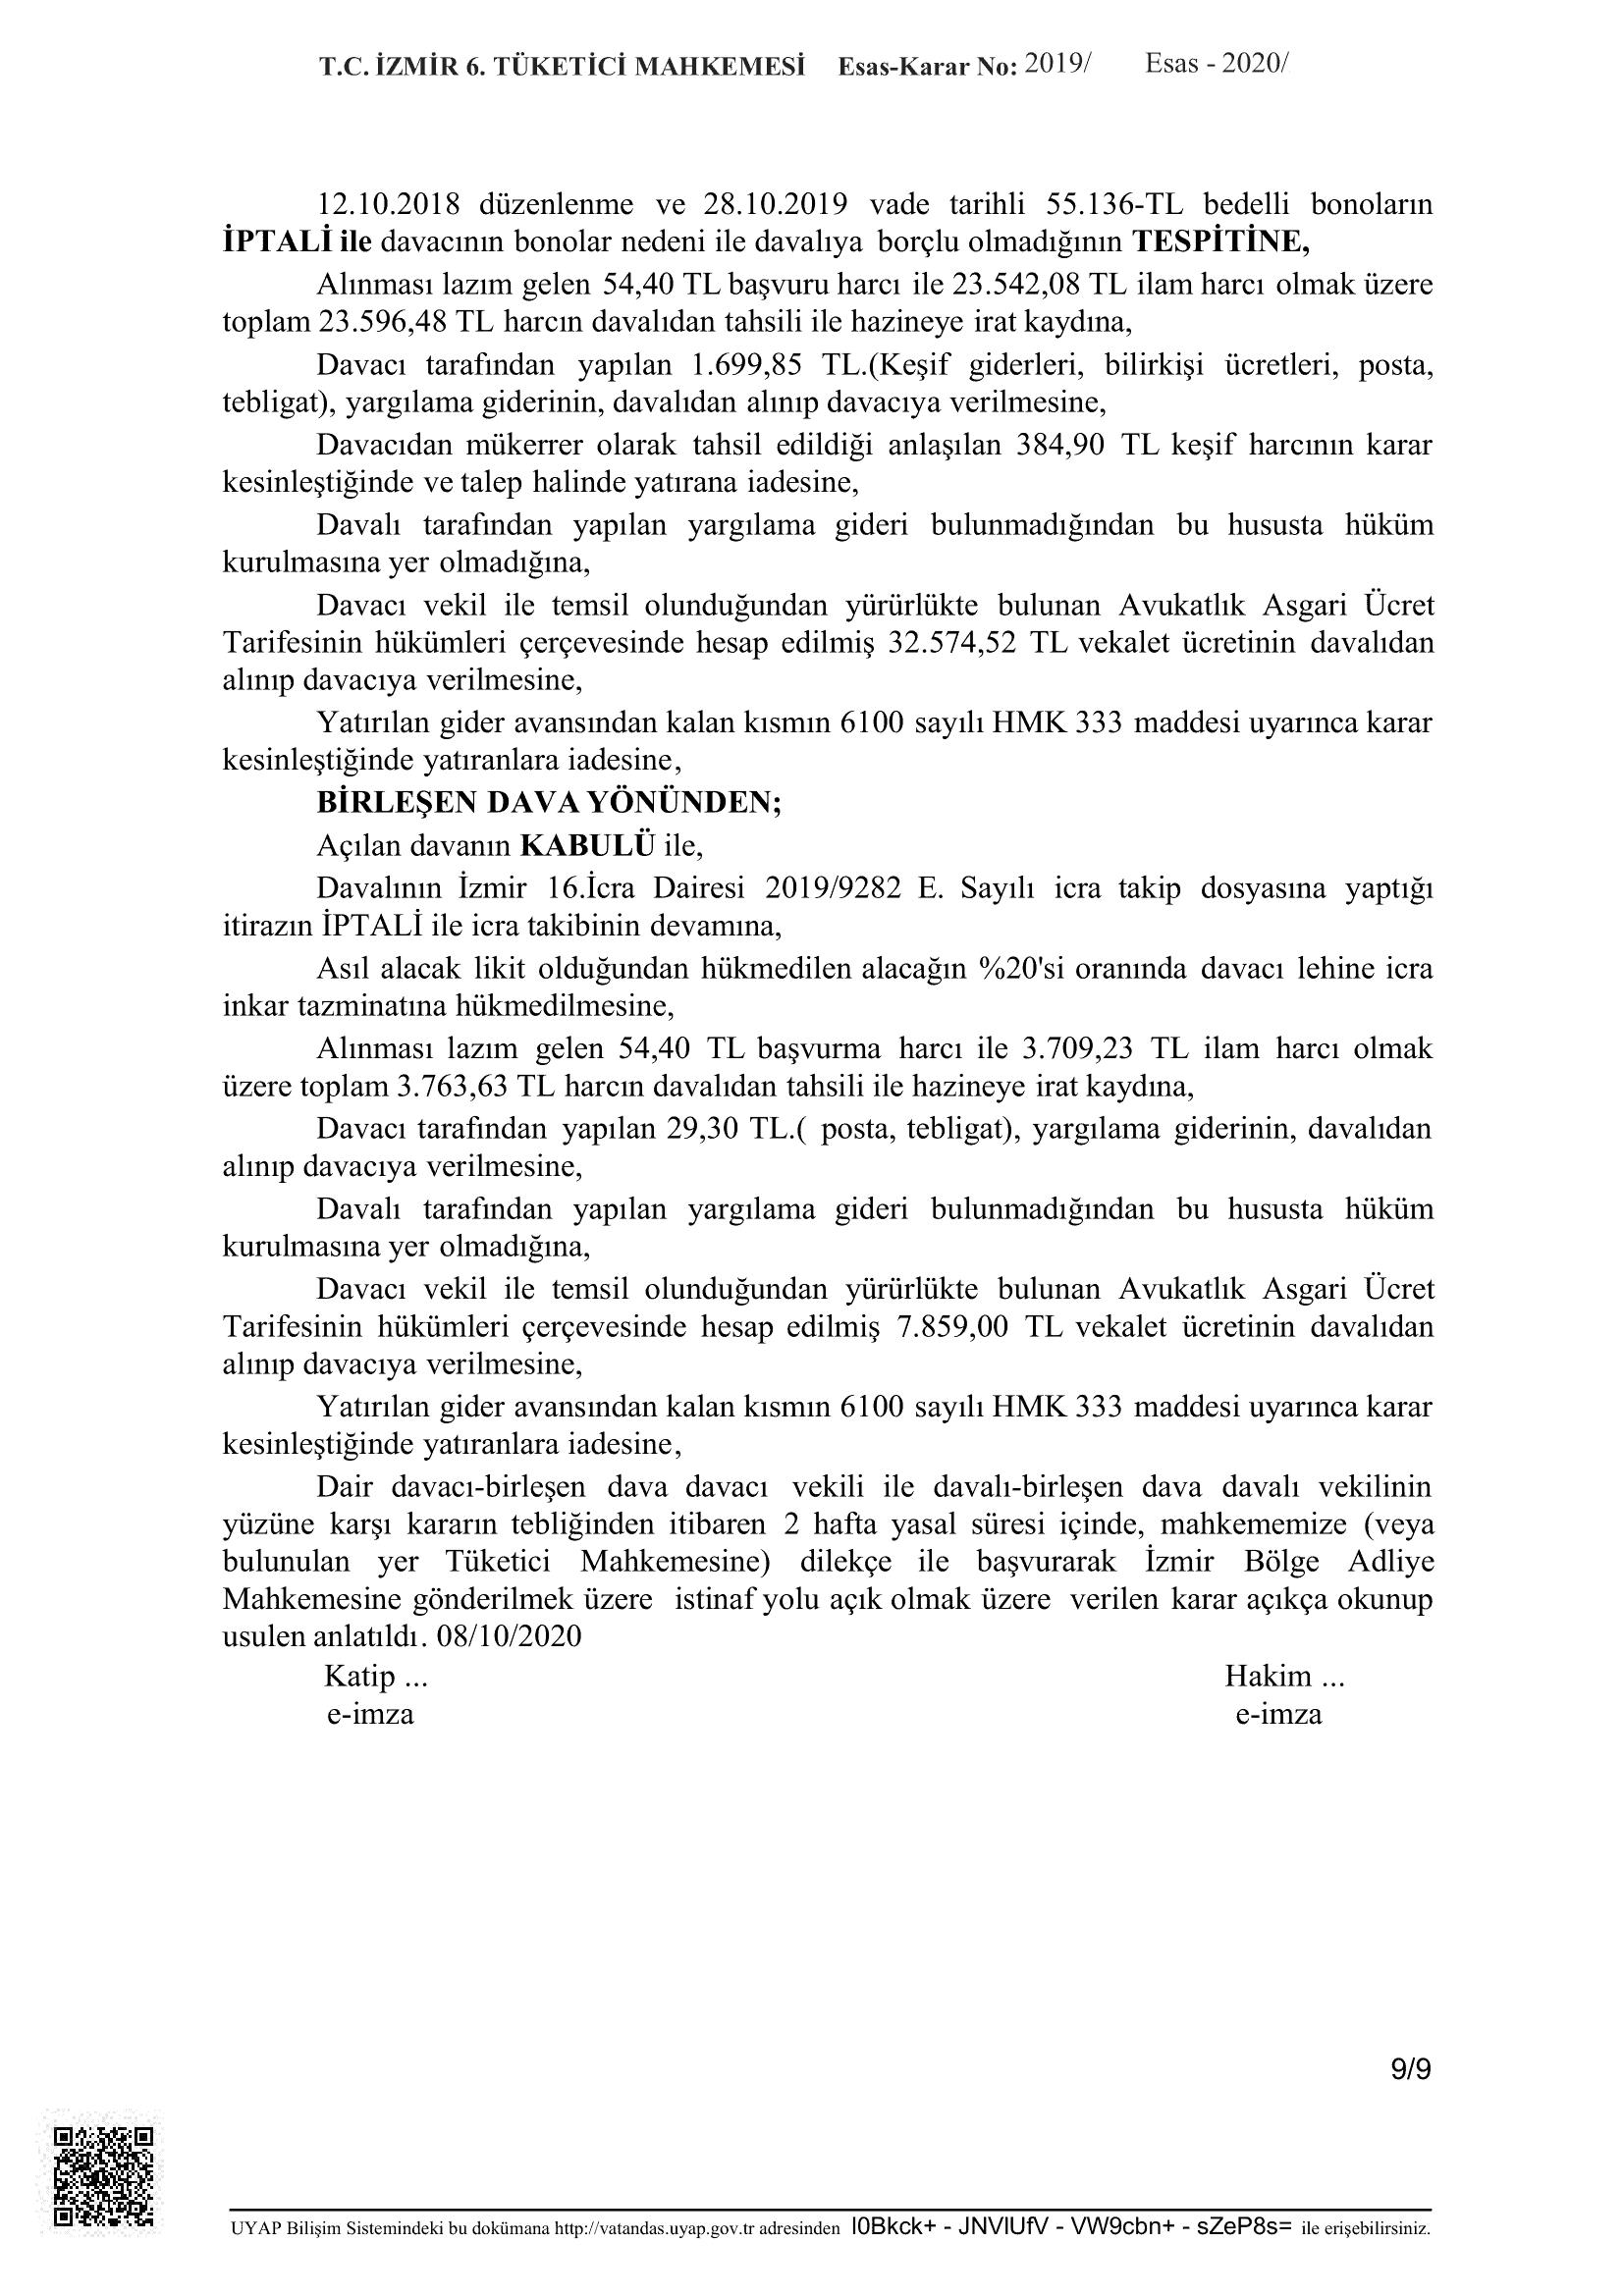 konut satış sözleşmesi cayma